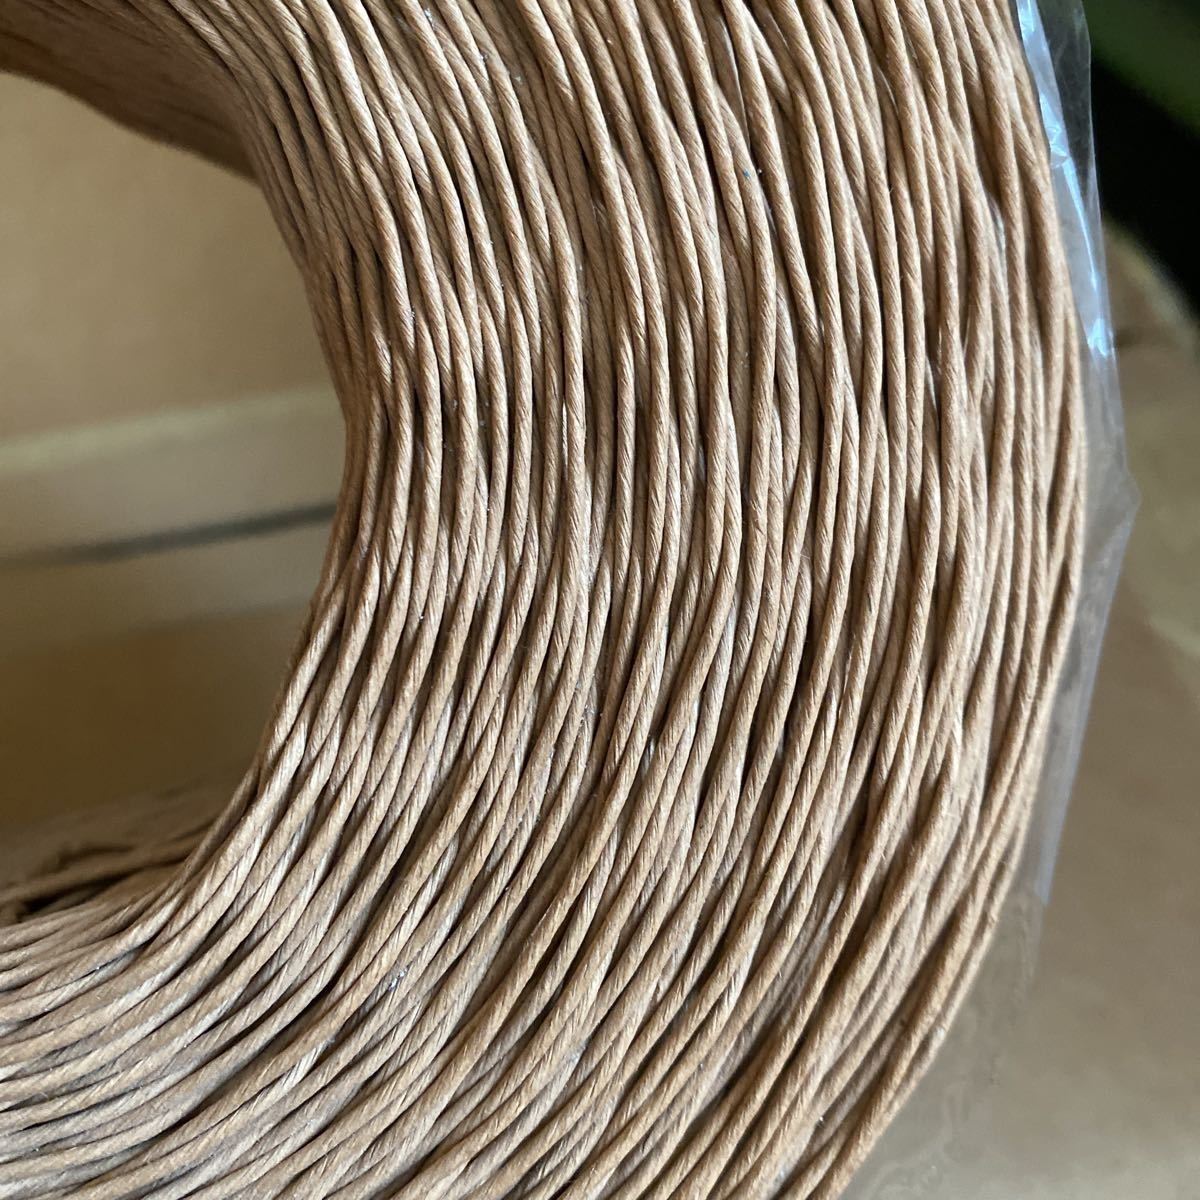 細紙紐 紙のヒモ 手芸 梱包 未使用状態紙バンド クラフトバンド クラフトテープ_画像2